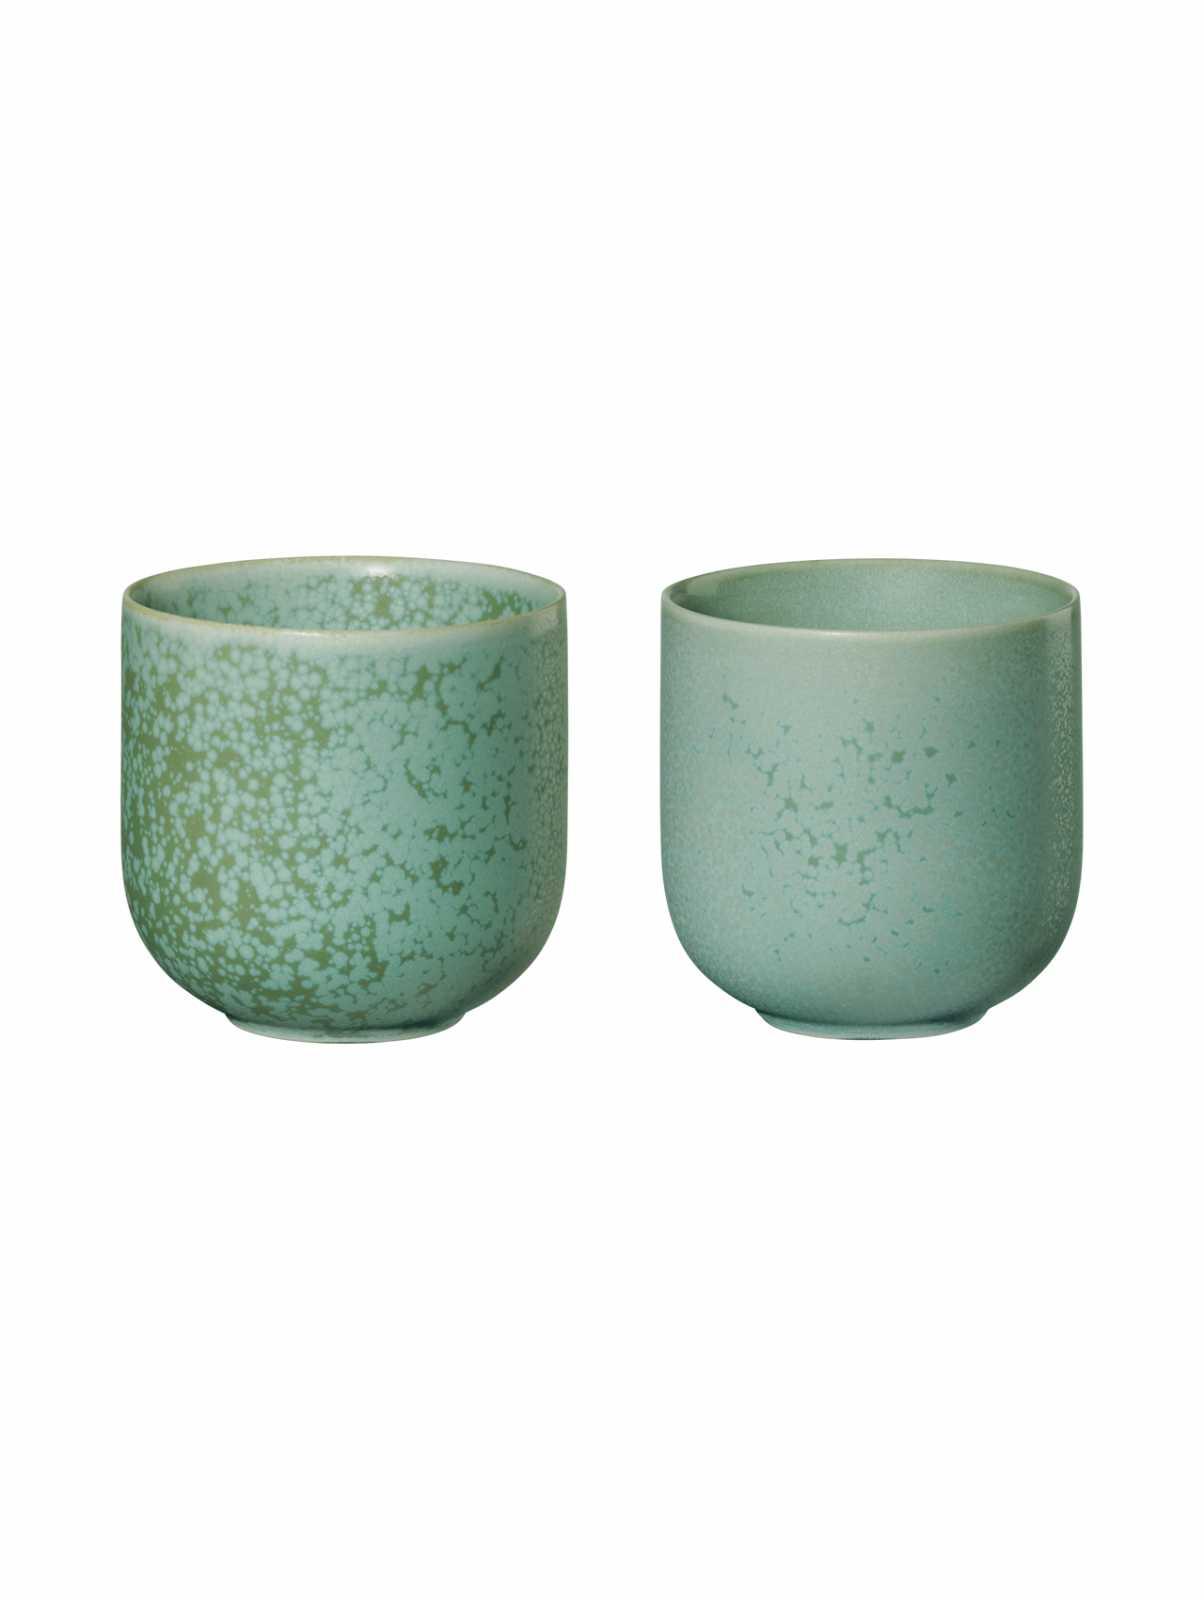 Набор фарфоровых чашек  ASA Selection COPPA, объем 0,15 л, 2 шт, ментоловый ASA Selection 19081191 фото 0